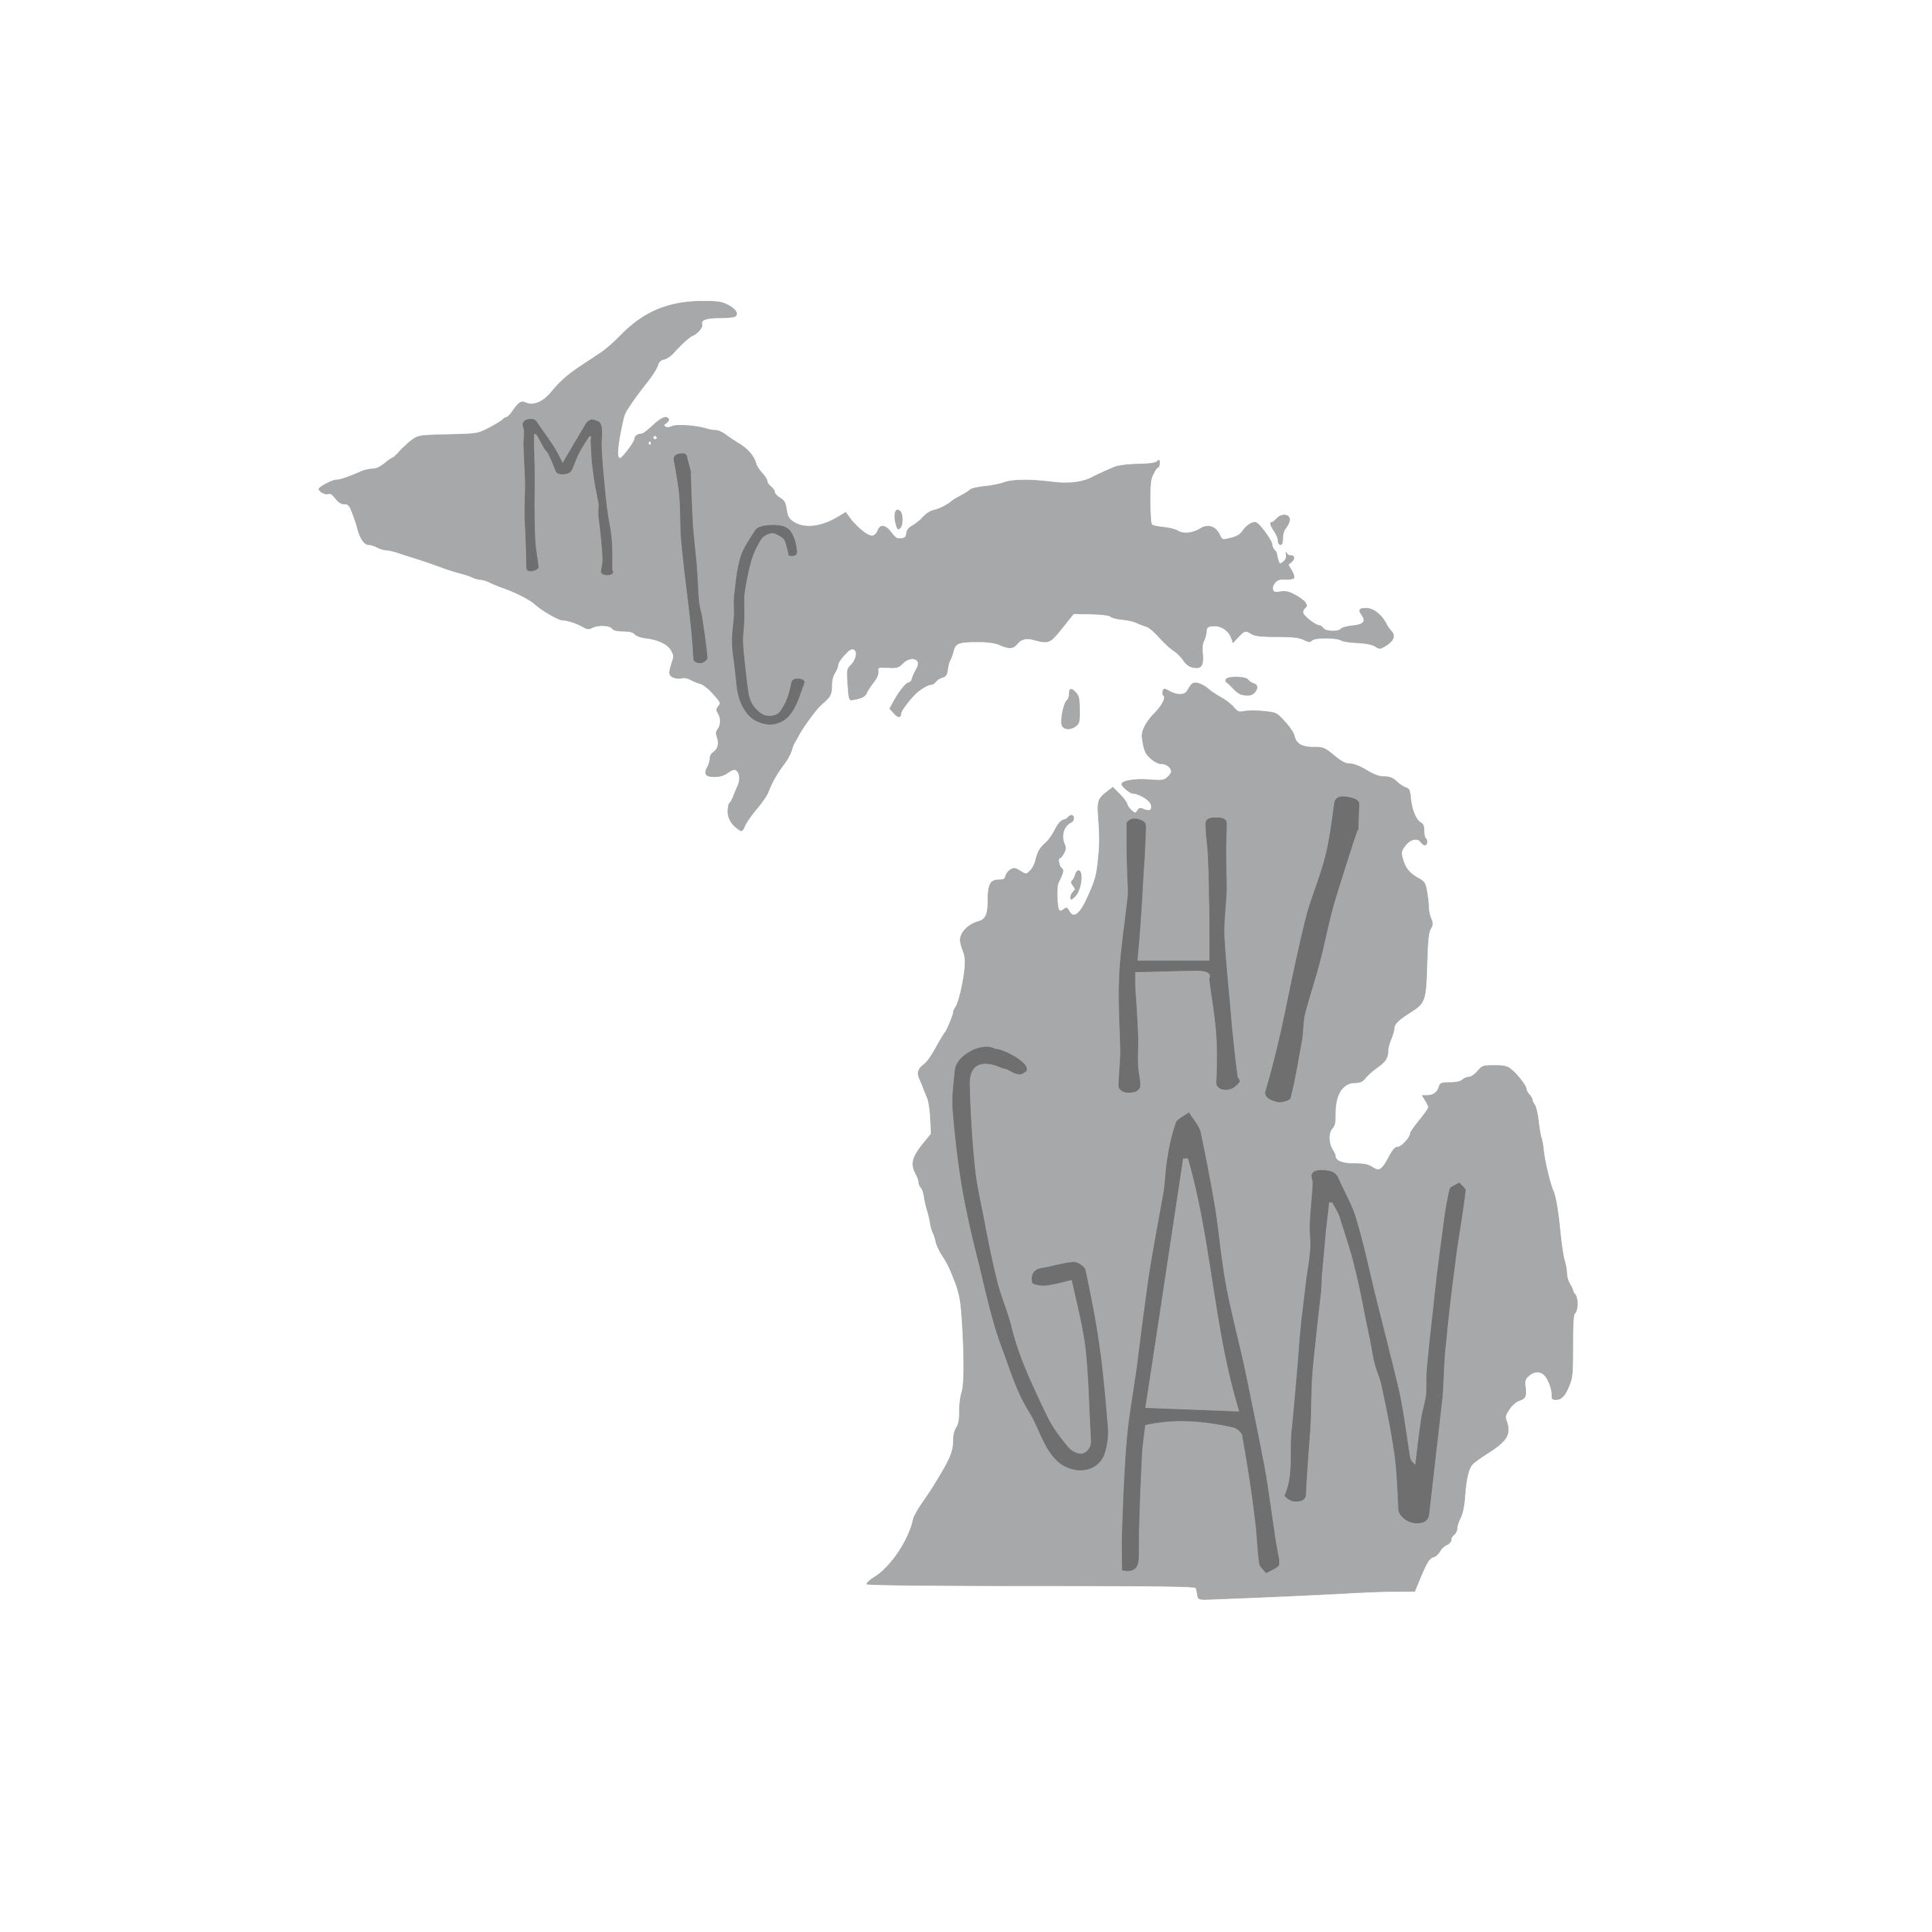 8211 Michigan State w/ Words